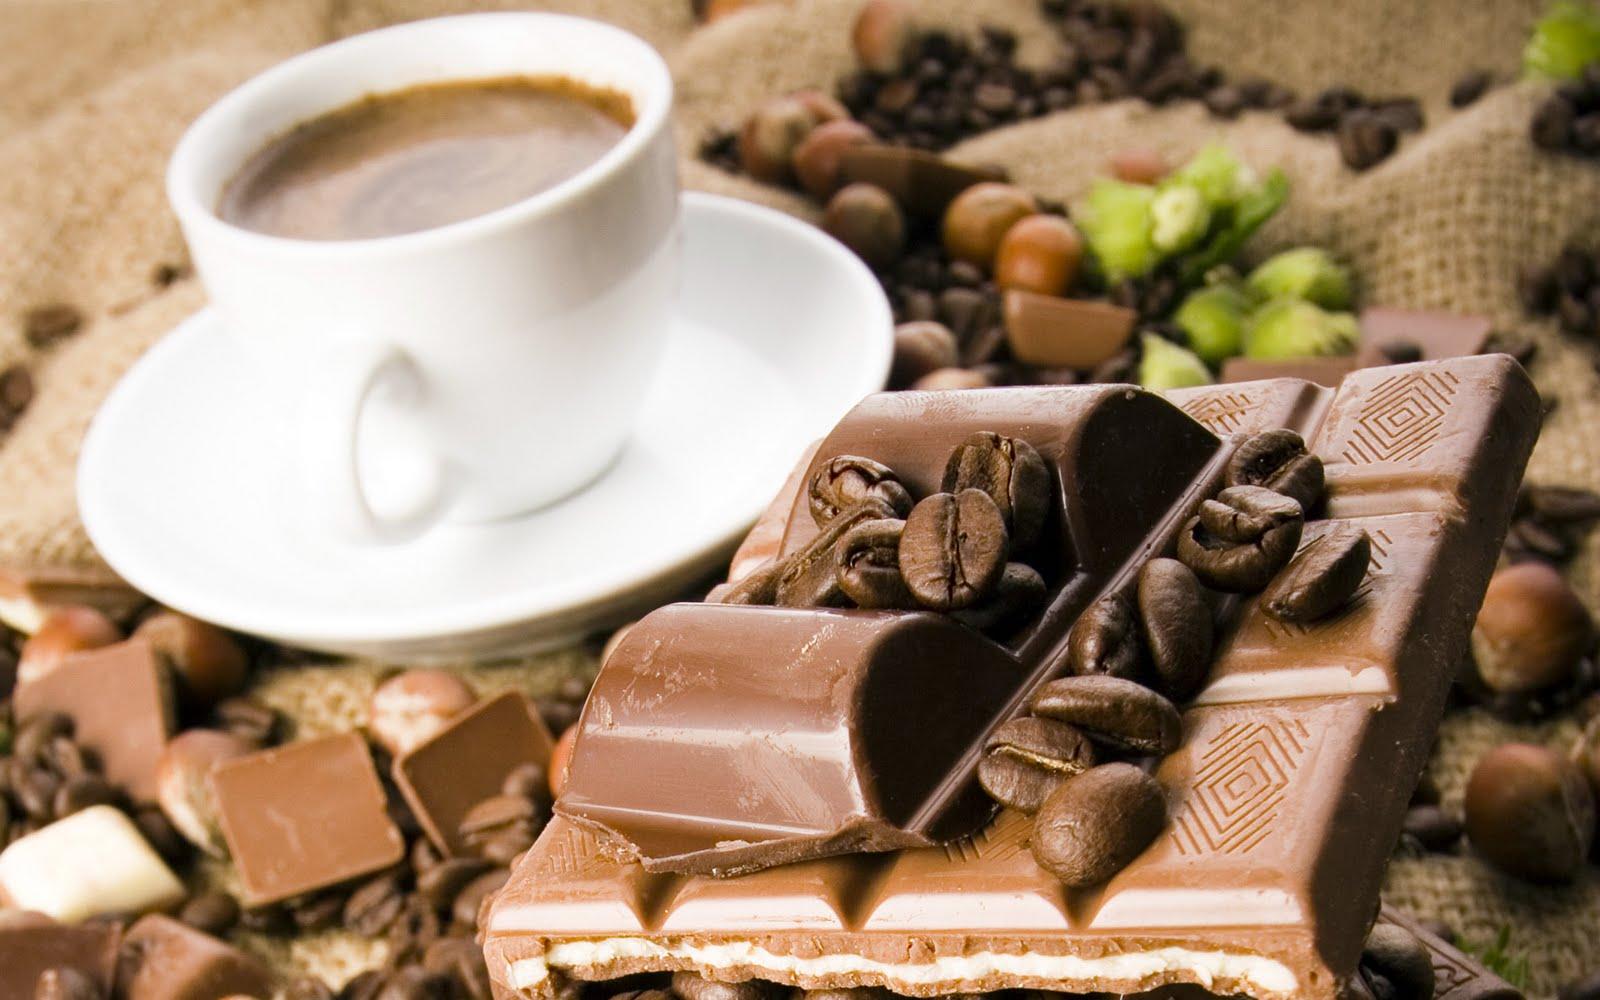 http://2.bp.blogspot.com/-qsnf0UOcWwo/TkGUCiJiRuI/AAAAAAAAKtc/_2uHb95ovn8/s1600/Chocolate+15.jpg